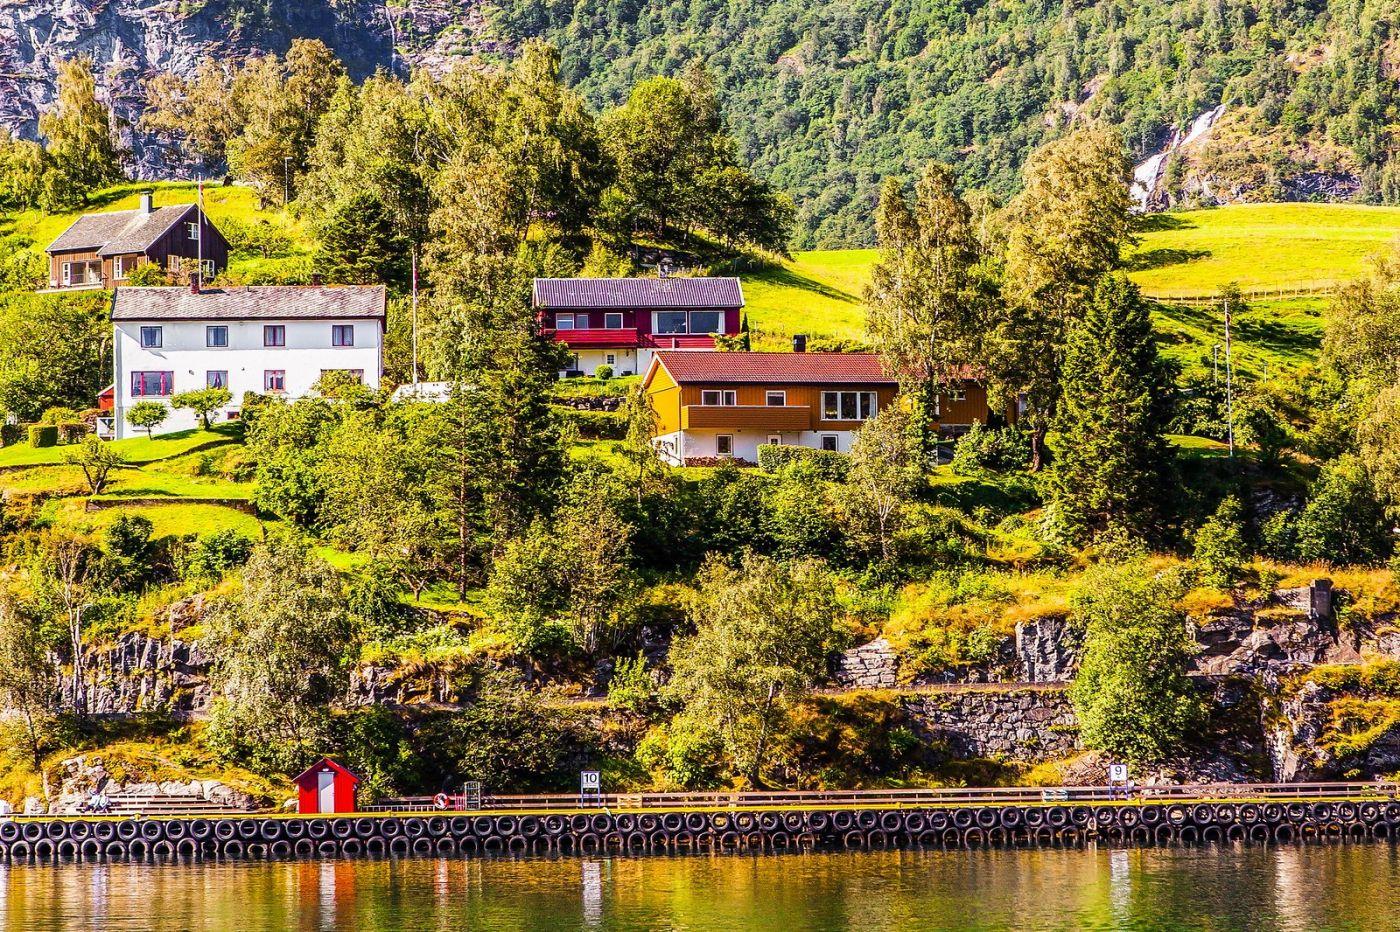 挪威弗拉姆铁路(Flam Railway),美丽的小站_图1-15